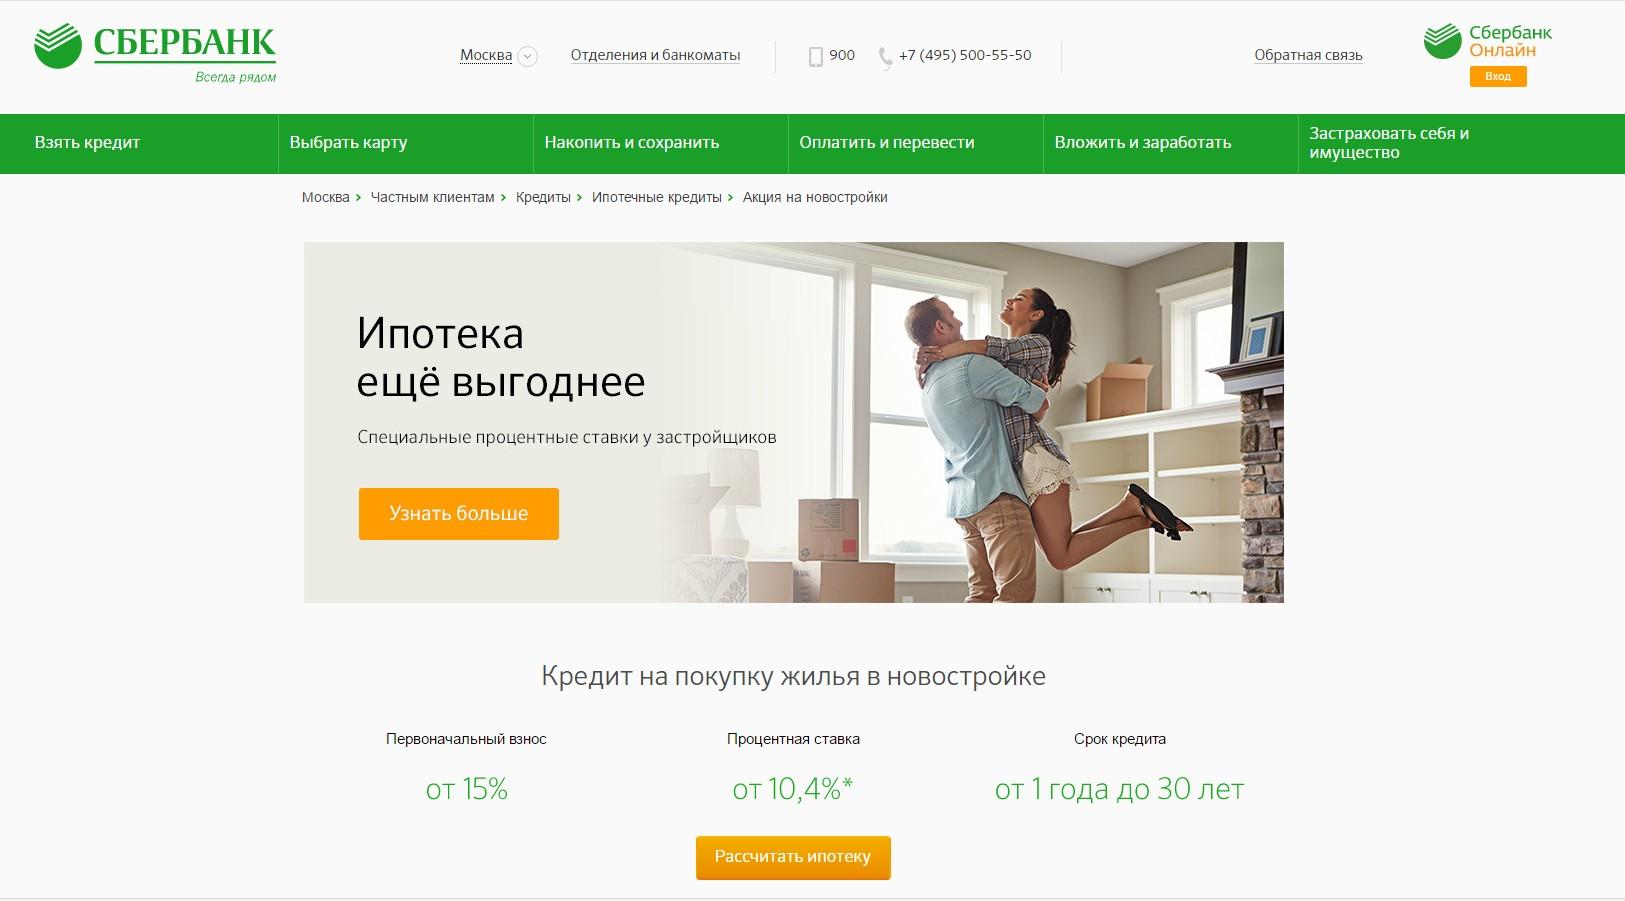 Информация по кредиту на покупку жилья